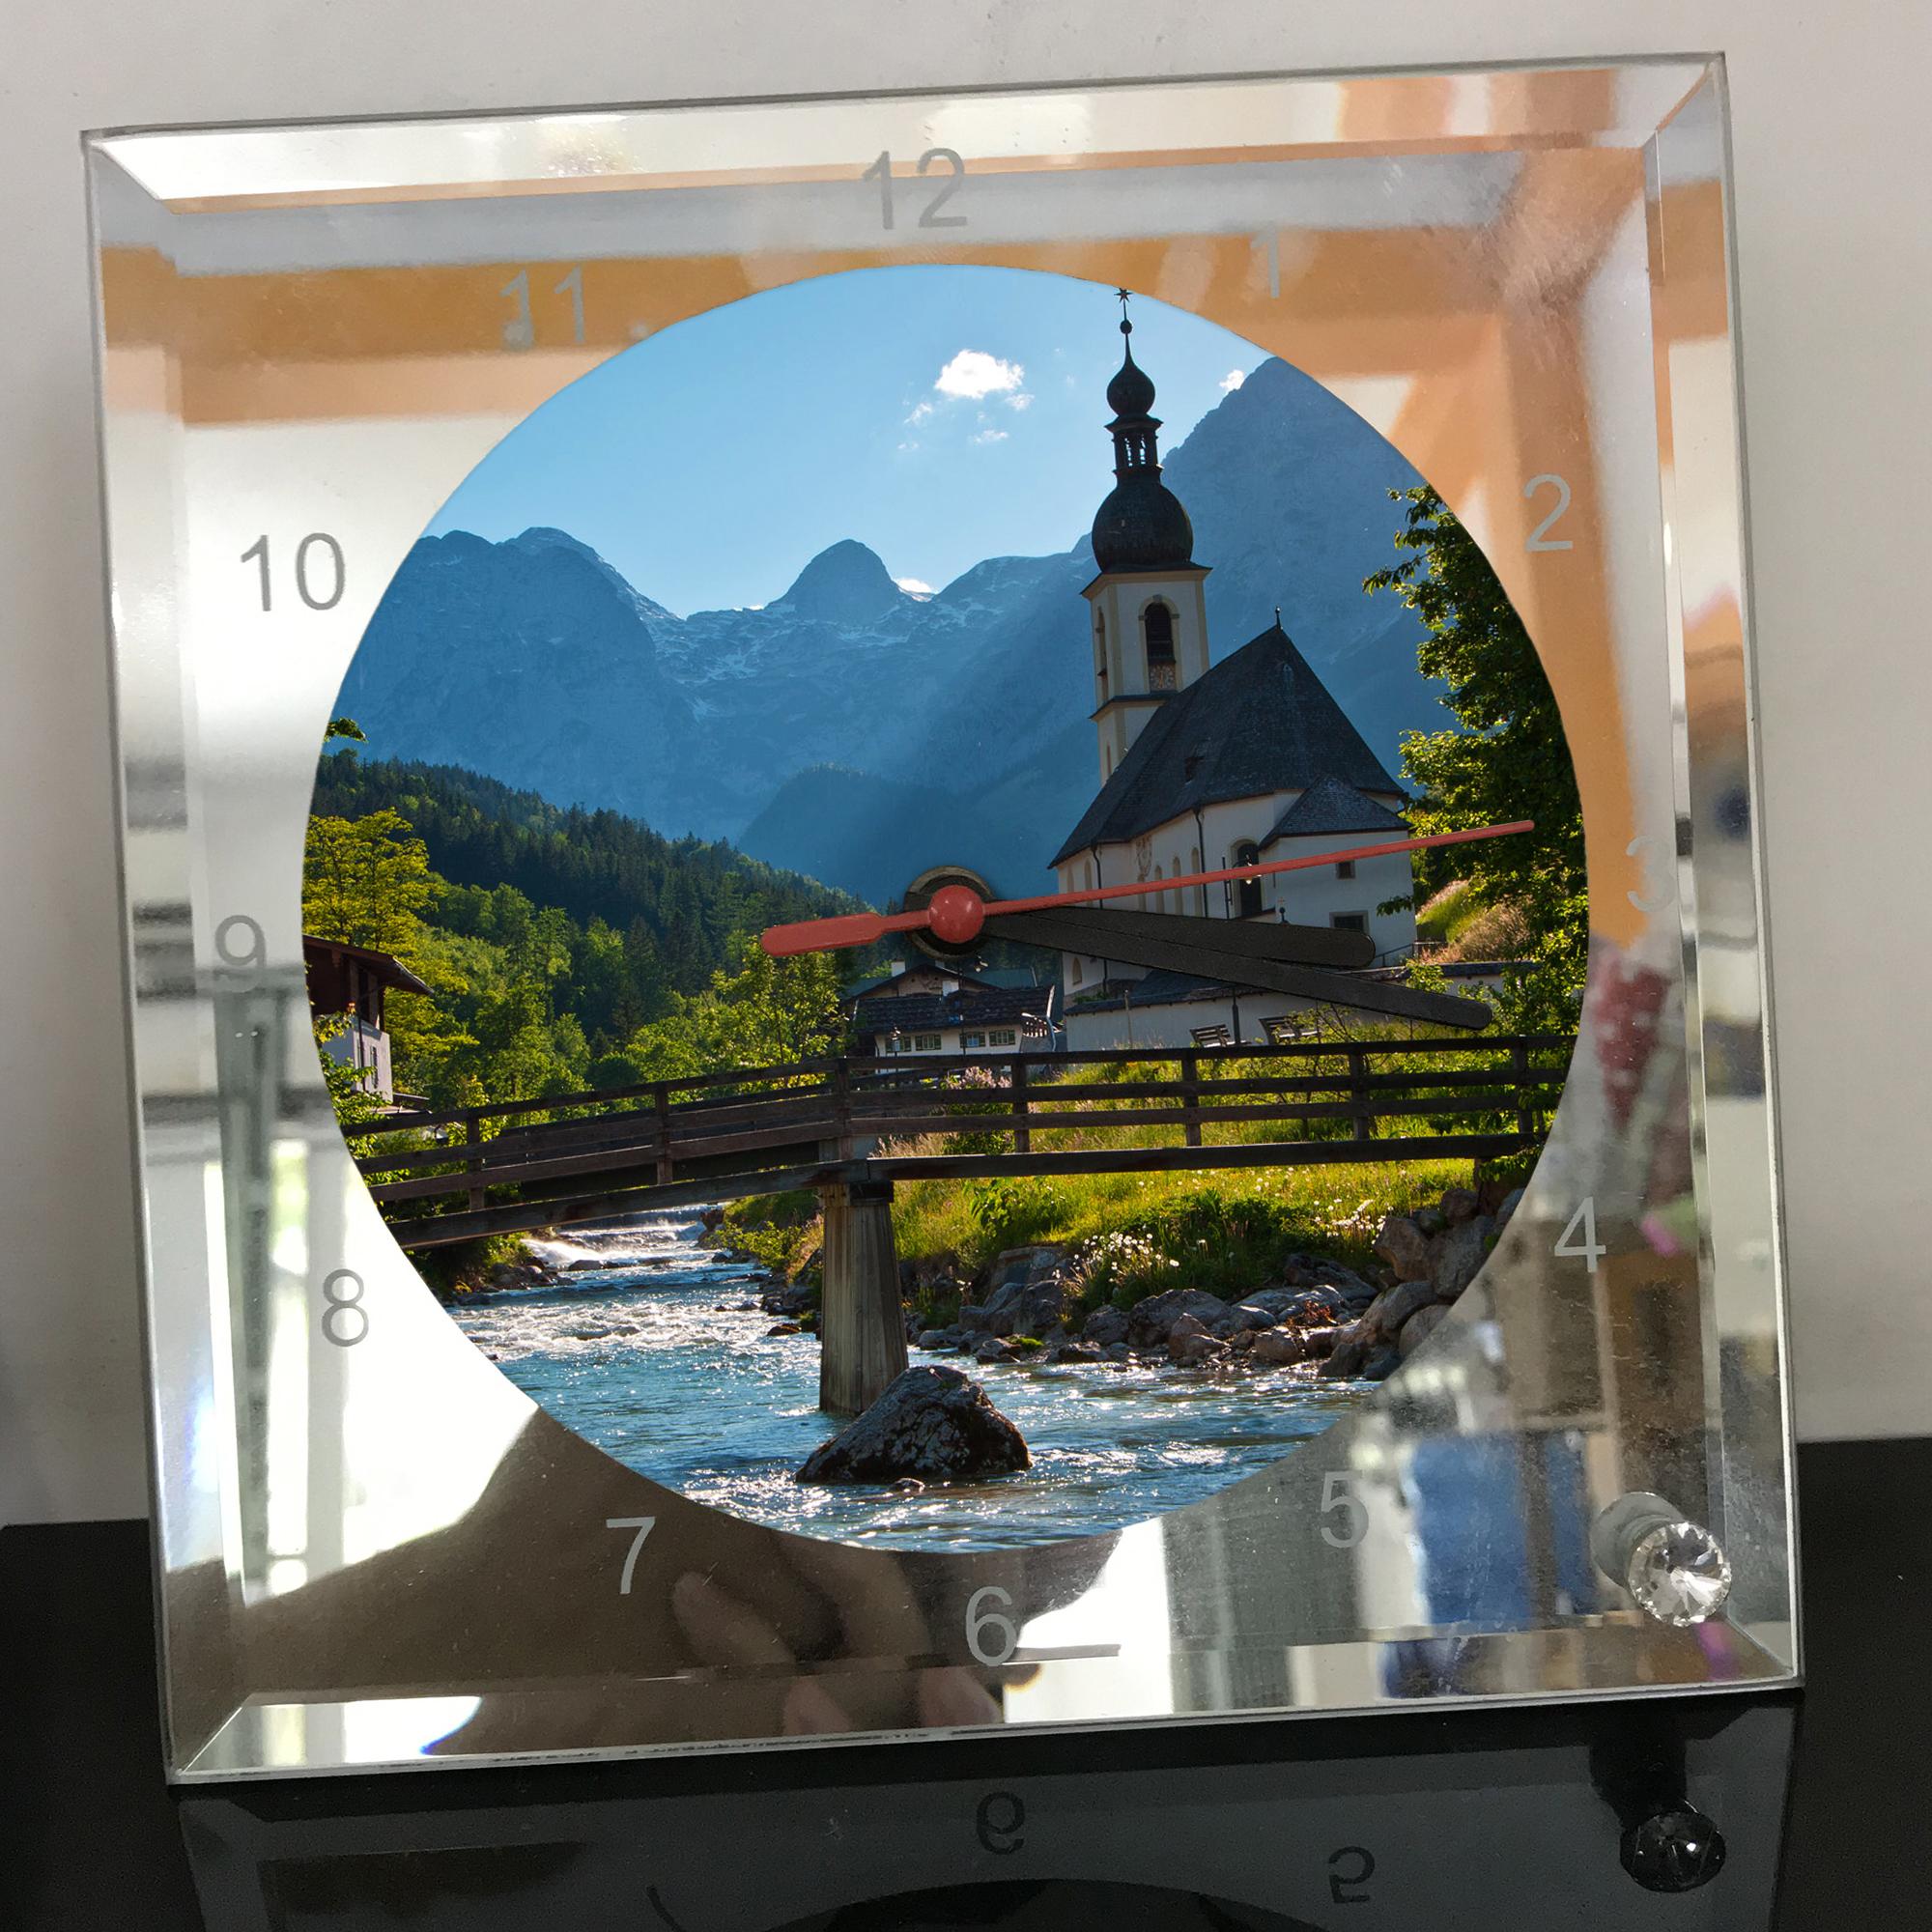 Đồng hồ thủy tinh vuông 20x20 in hình Church - nhà thờ (127) . Đồng hồ thủy tinh để bàn trang trí đẹp chủ đề tôn giáo